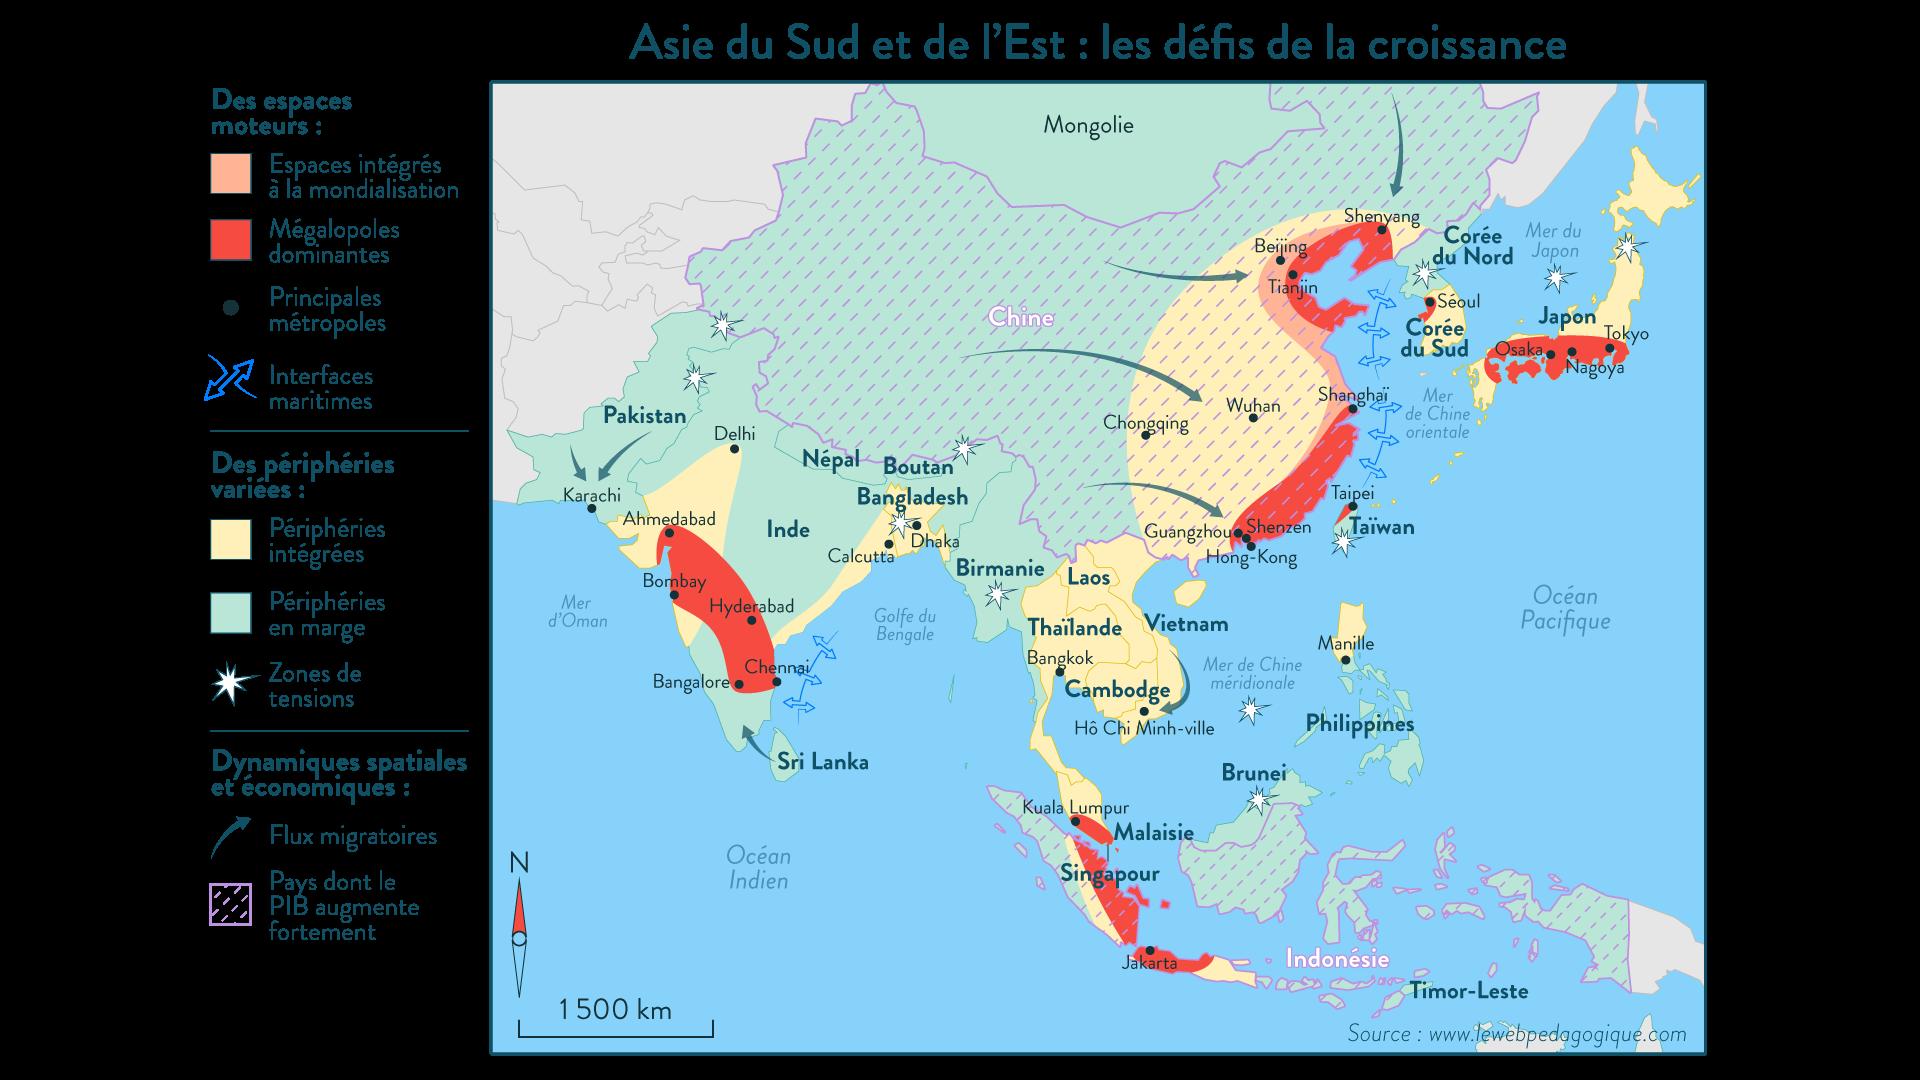 Asie du Sud